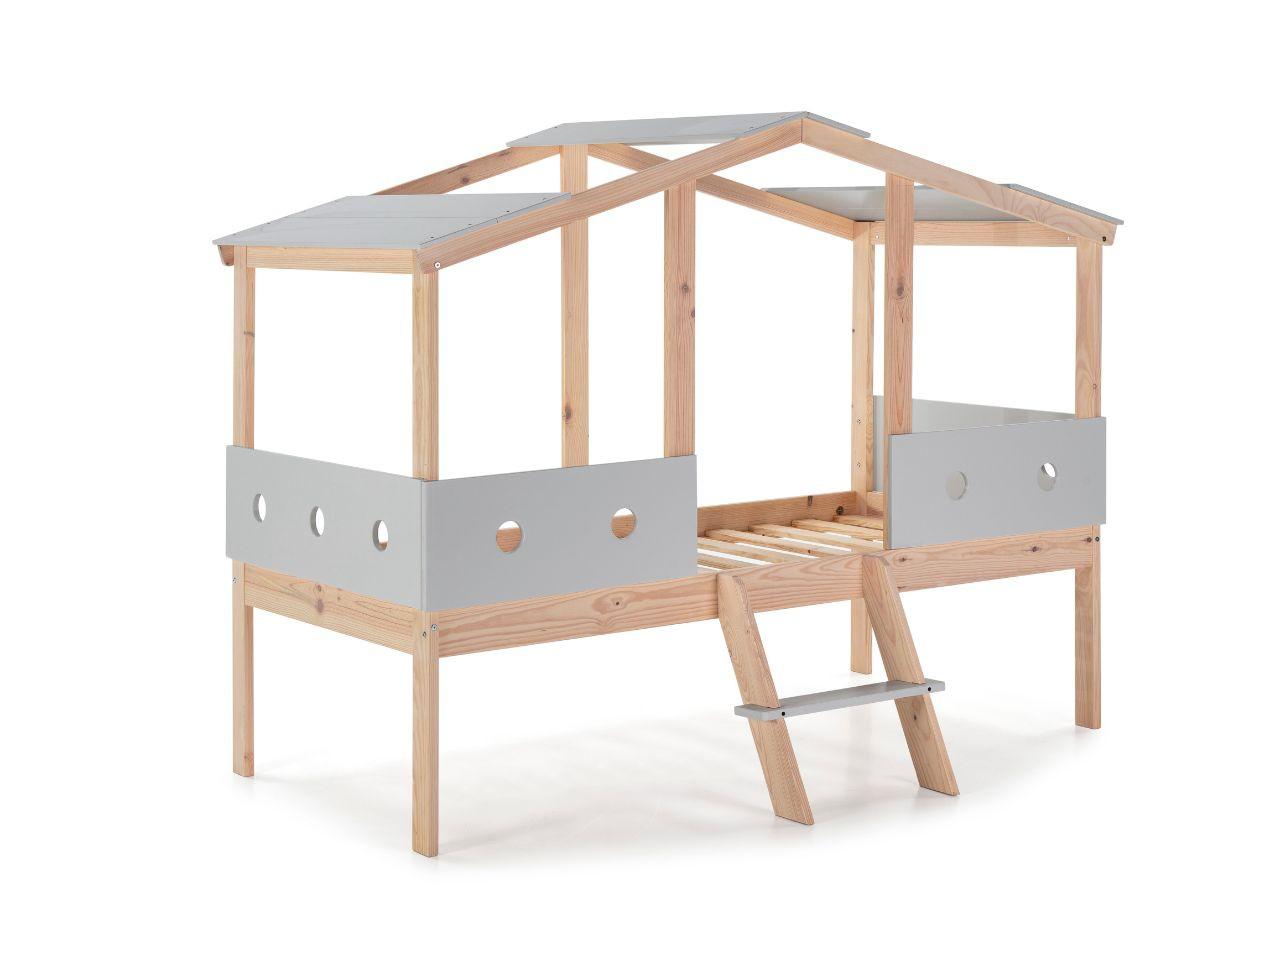 Muebles television modernos obtenga ideas dise o de muebles para su hogar aqu - Muebles de television baratos ...